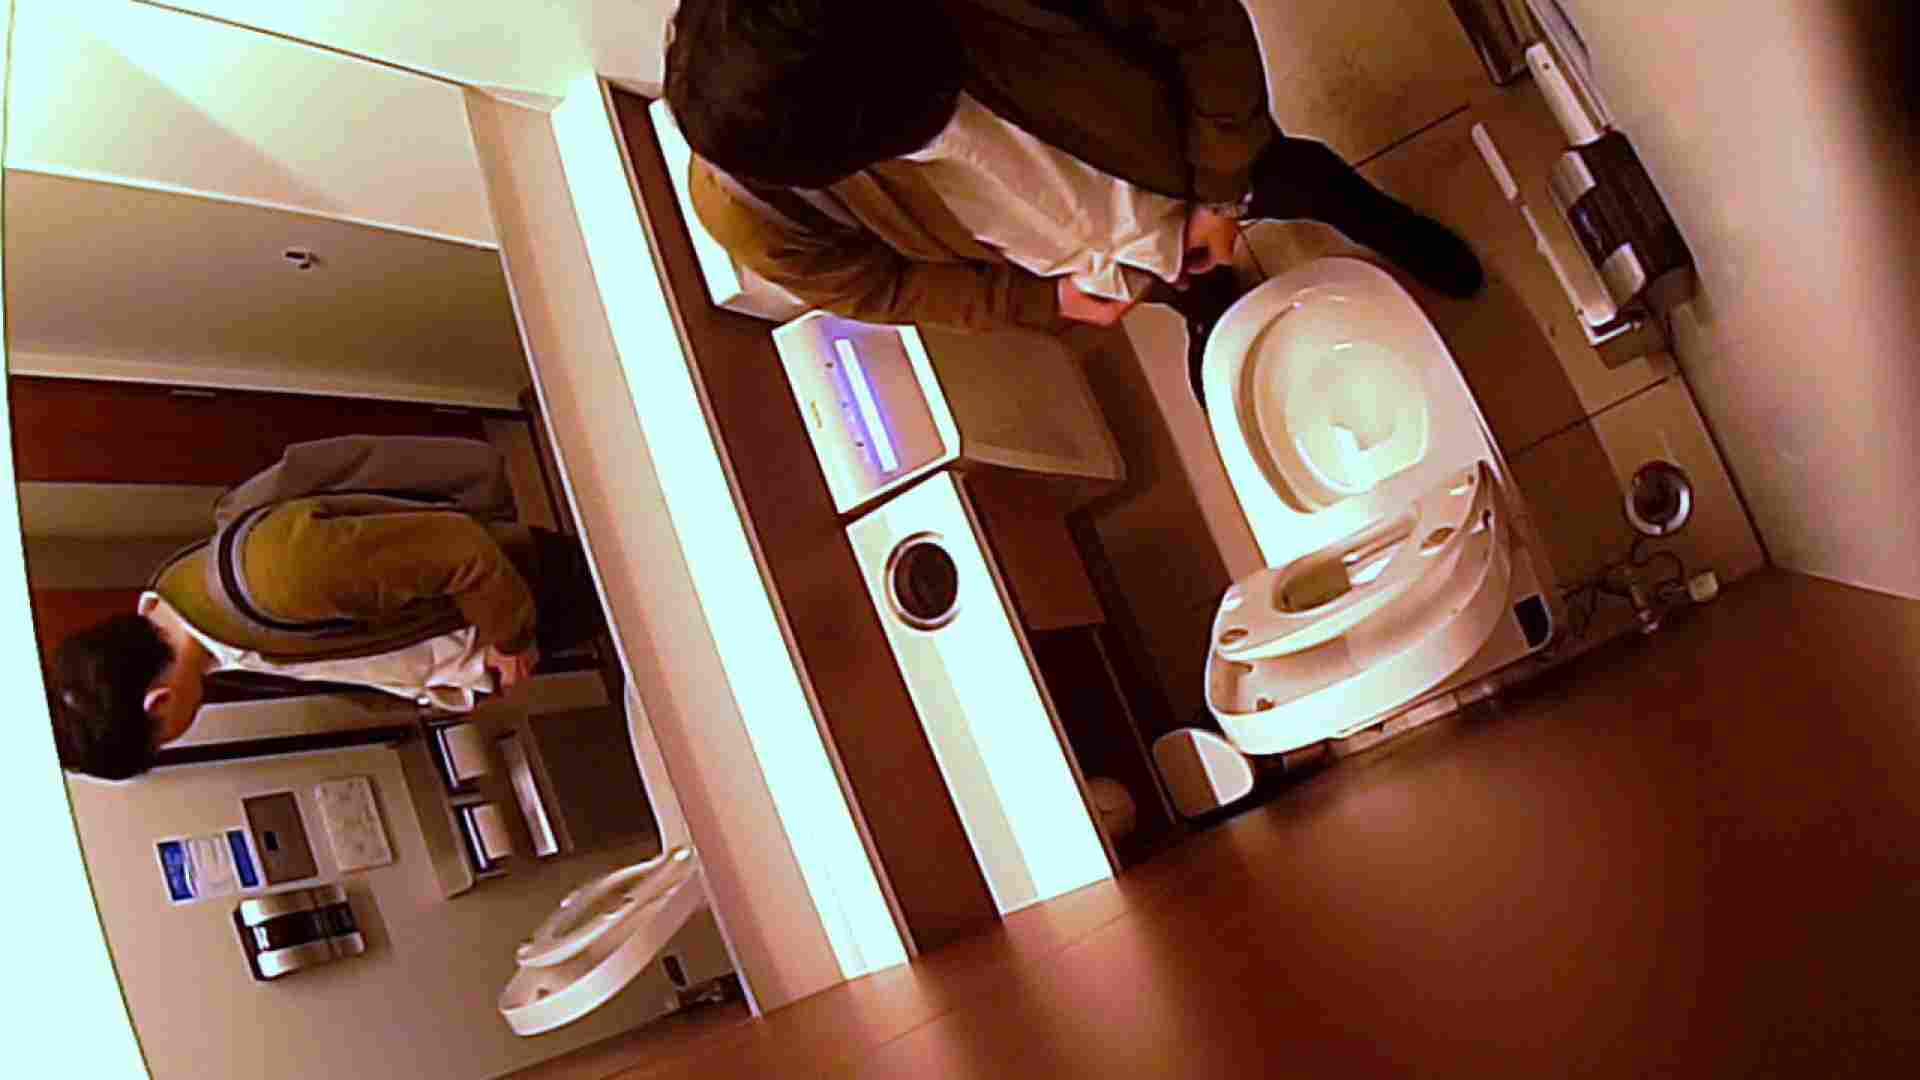 すみませんが覗かせてください Vol.30 トイレ  62枚 22